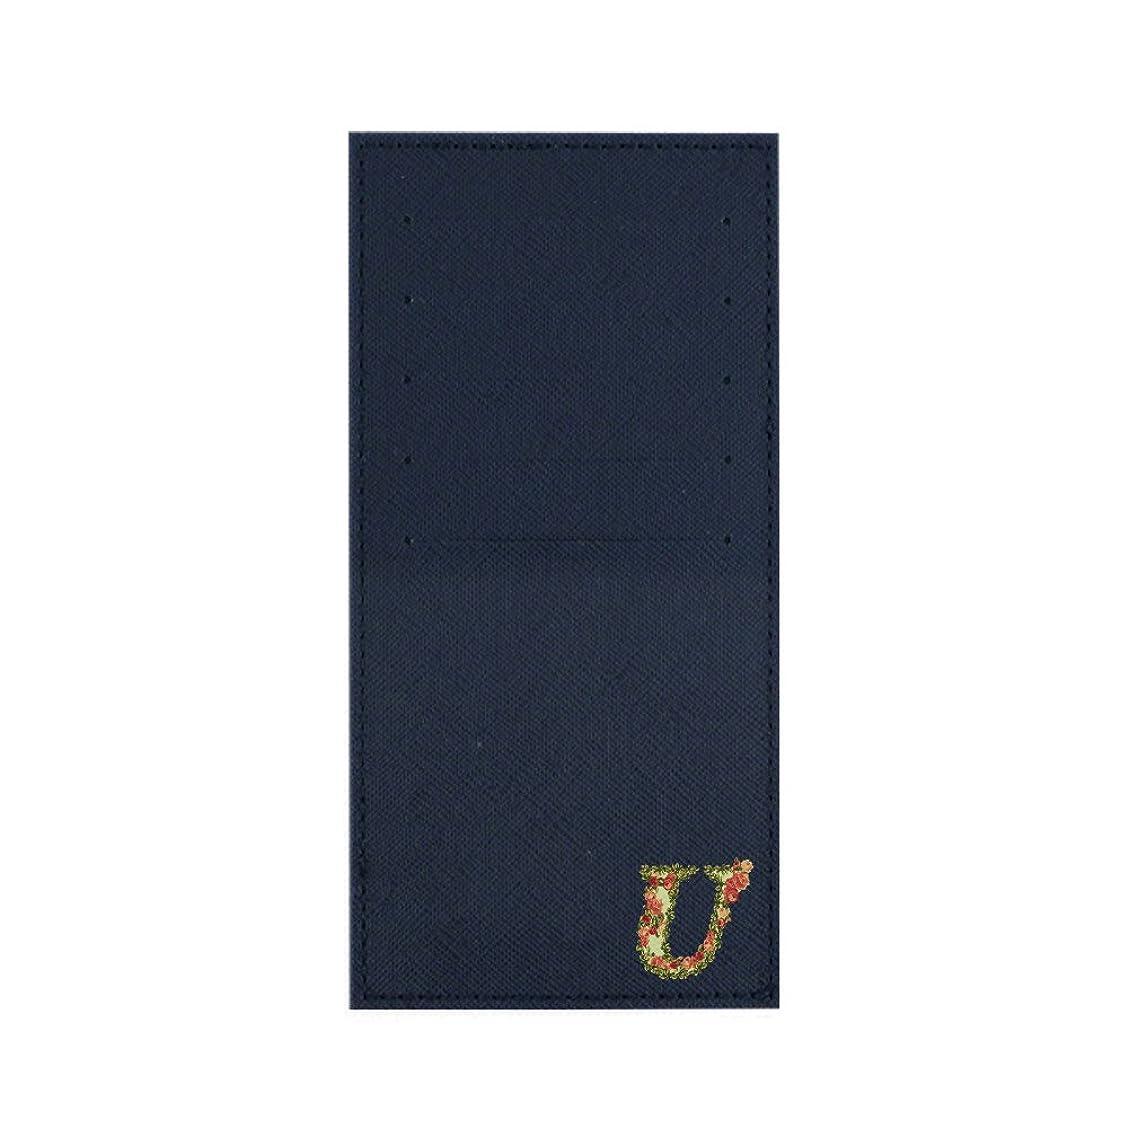 放射能分注するファッションインナーカードケース 長財布用カードケース 10枚収納可能 カード入れ 収納 プレゼント ギフト 2809フラワーネーム ( U ) ネイビー